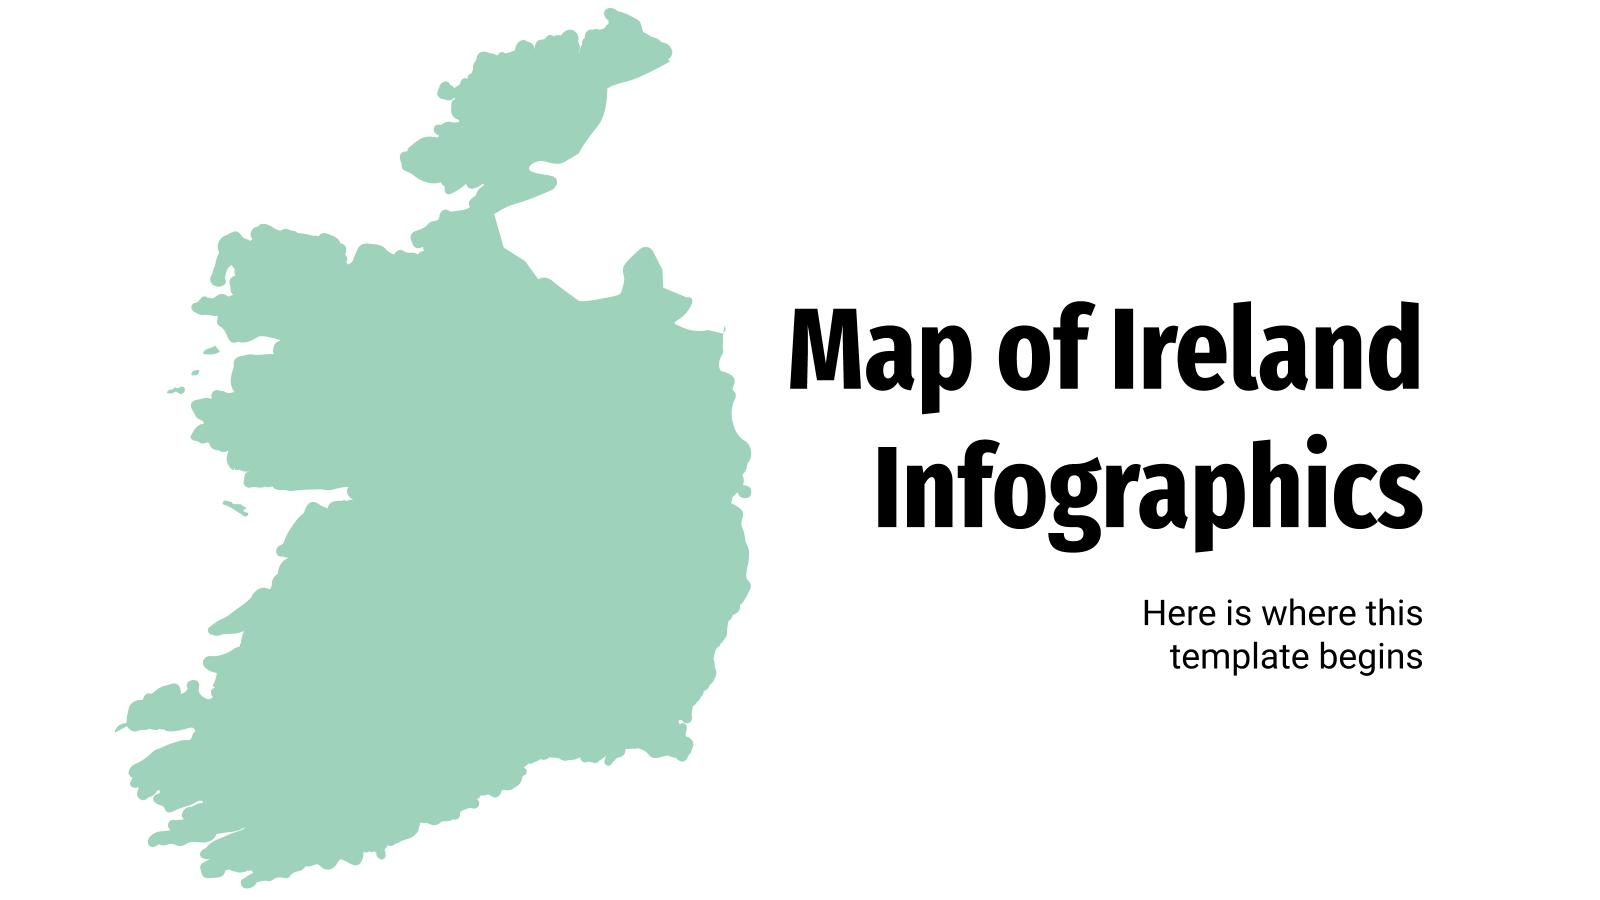 Infographies de carte de l'Irlande : Modèles de présentation